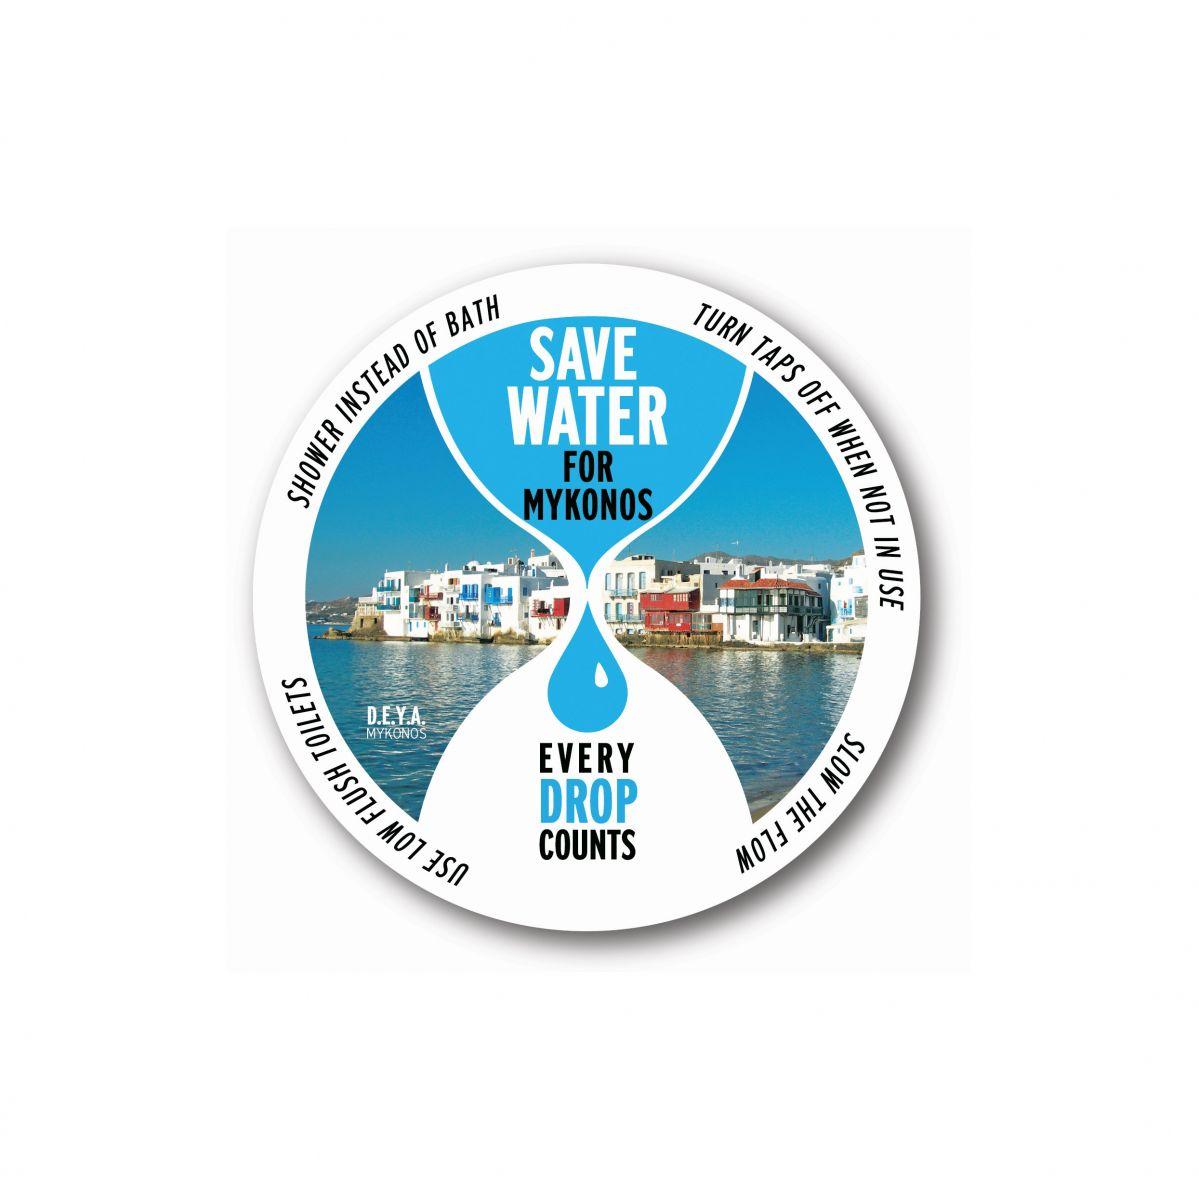 Ανακοίνωση της ΔΕΥΑΜ για λελογισμένη χρήση στην κατανάλωση νερού